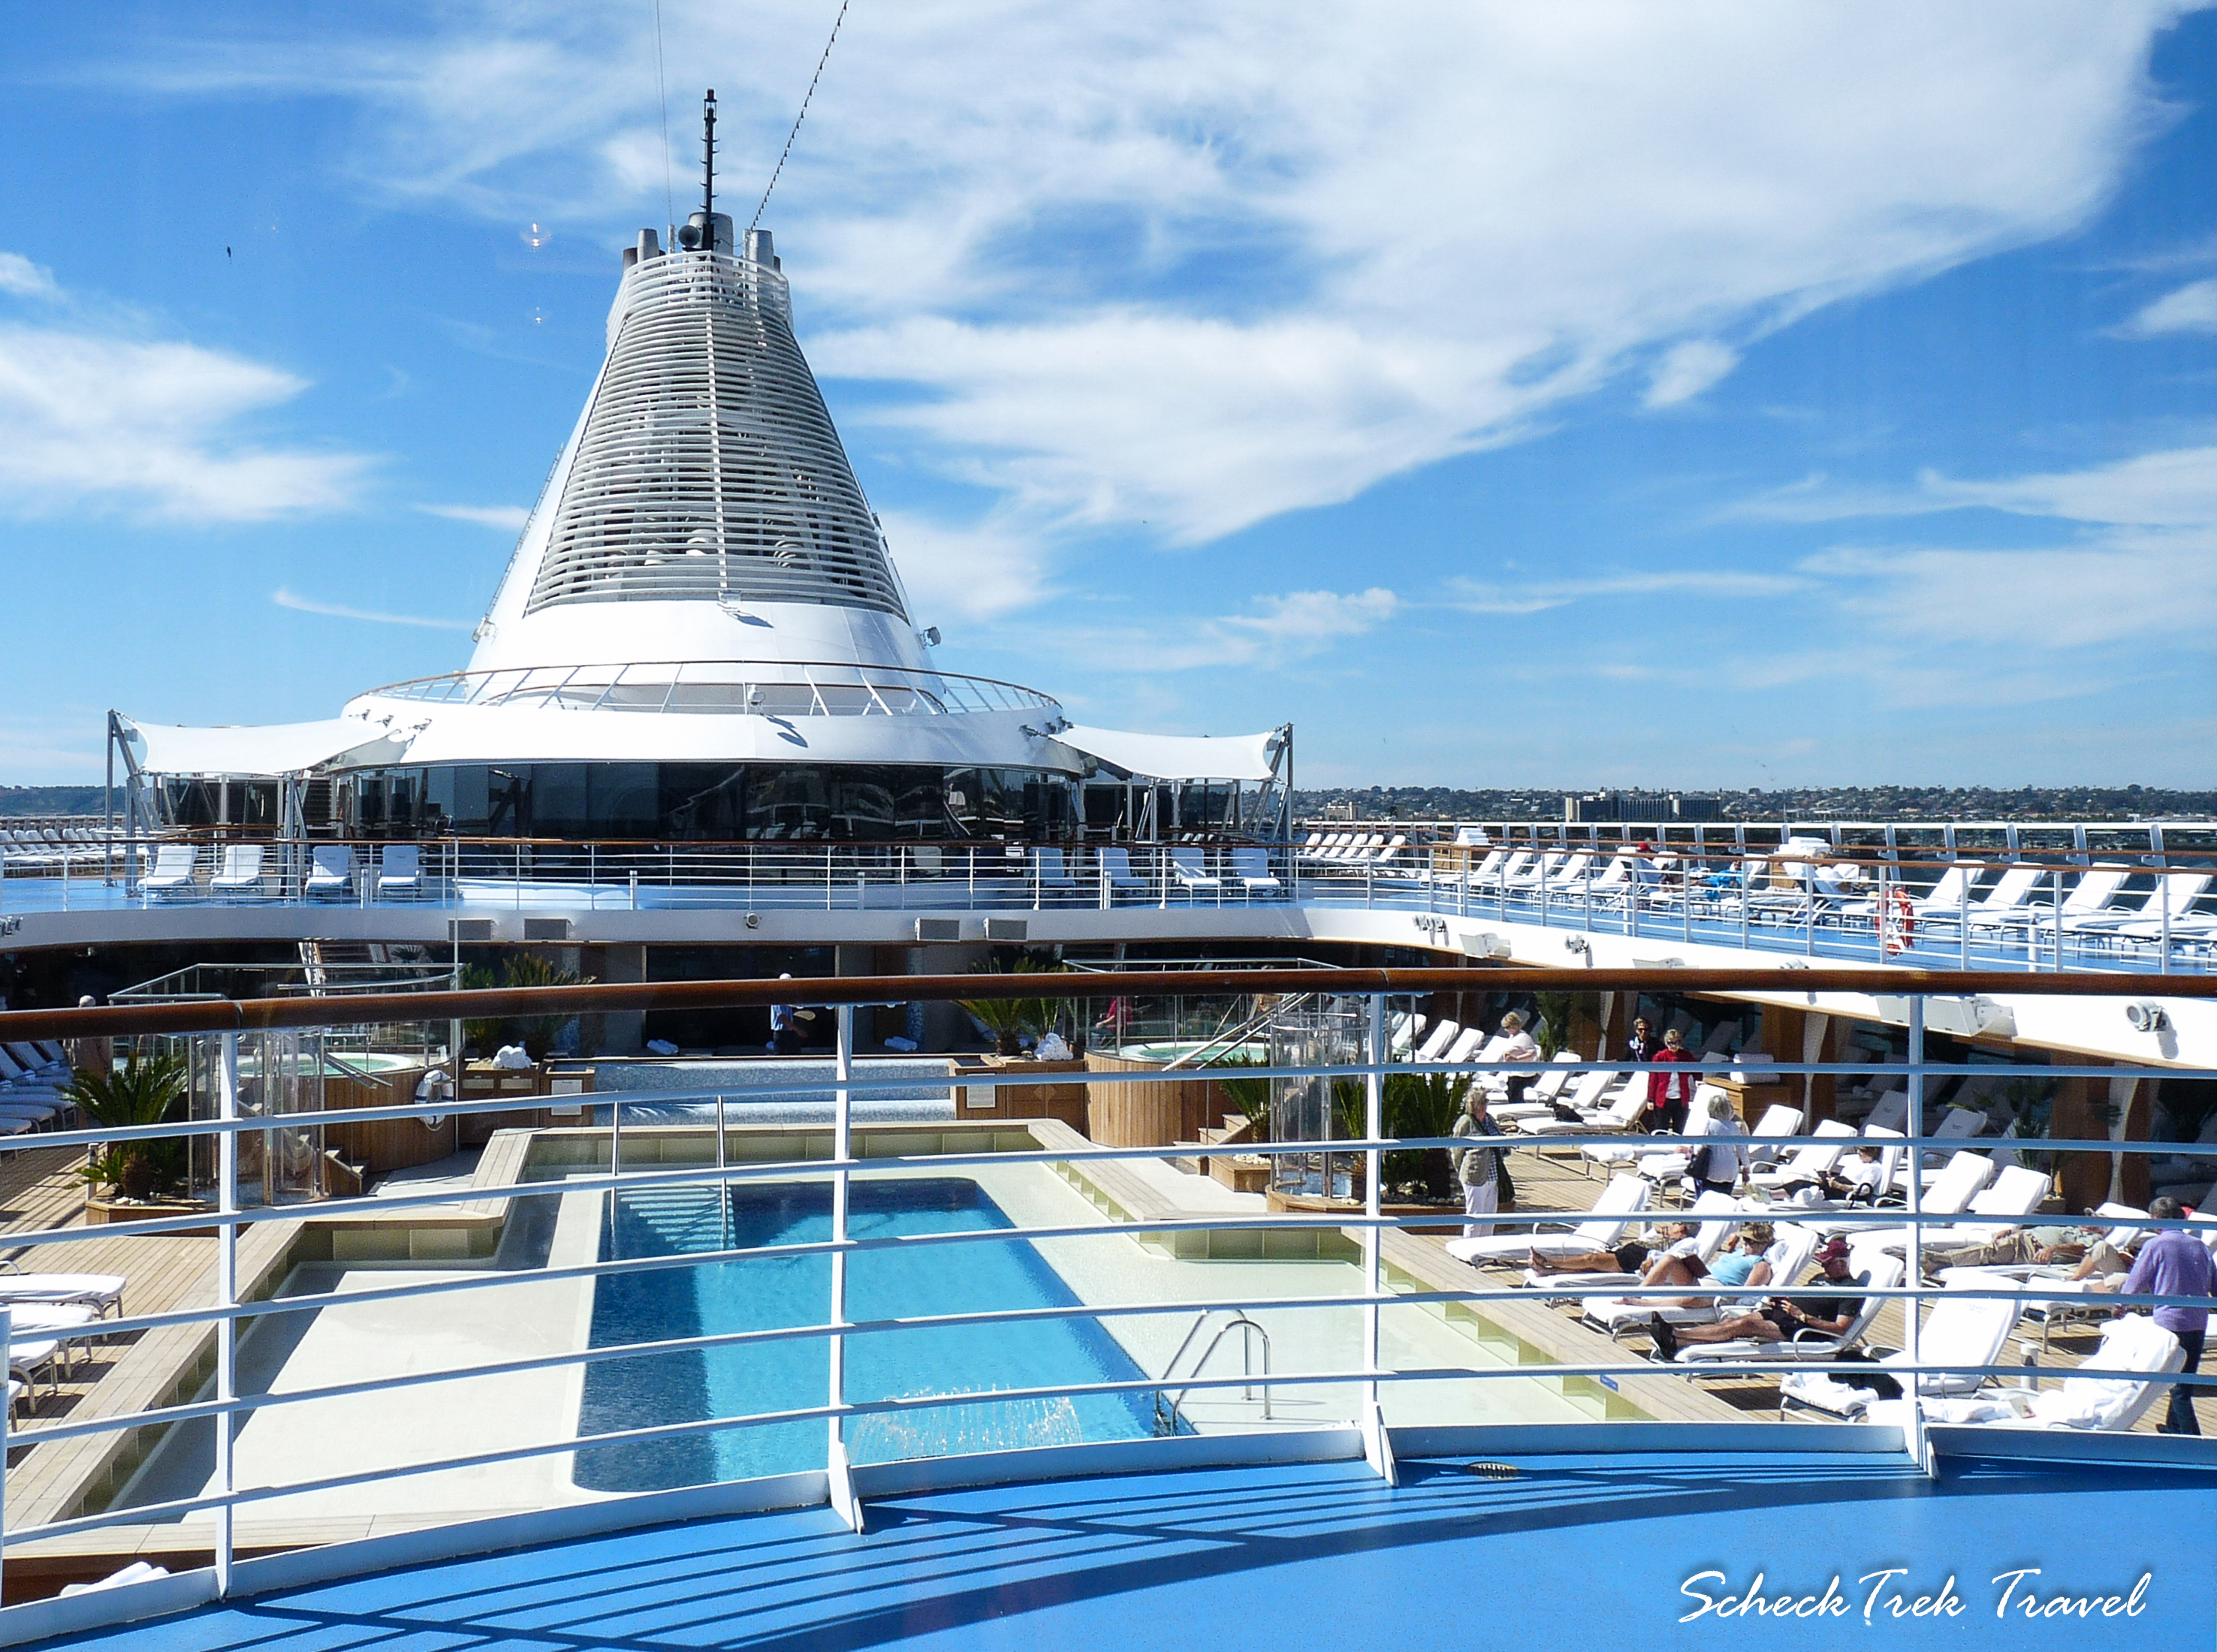 Pool deck on Marina